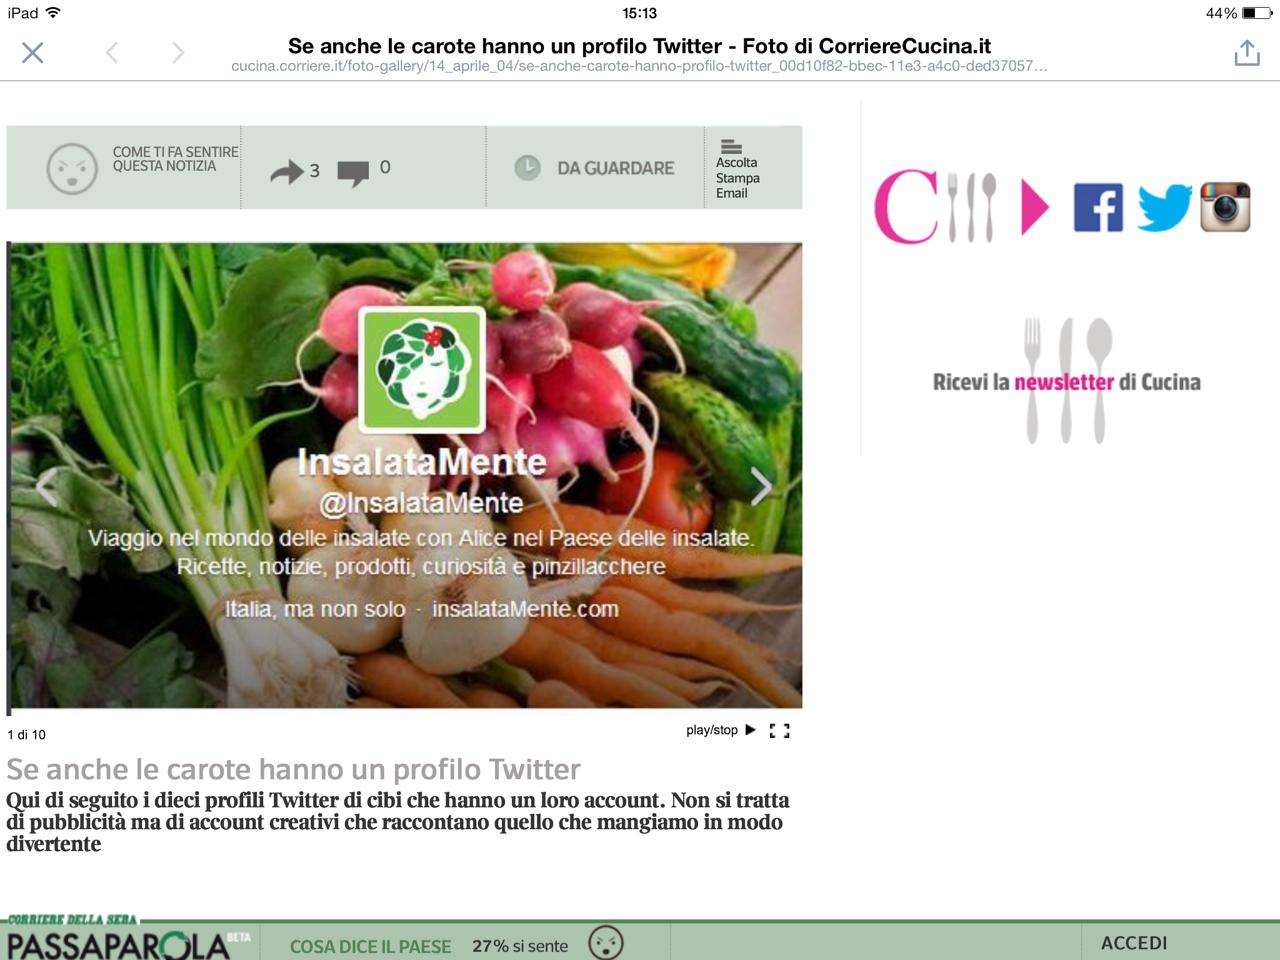 La foto mostra la galleria fotografica del giornale online con InsalataMente